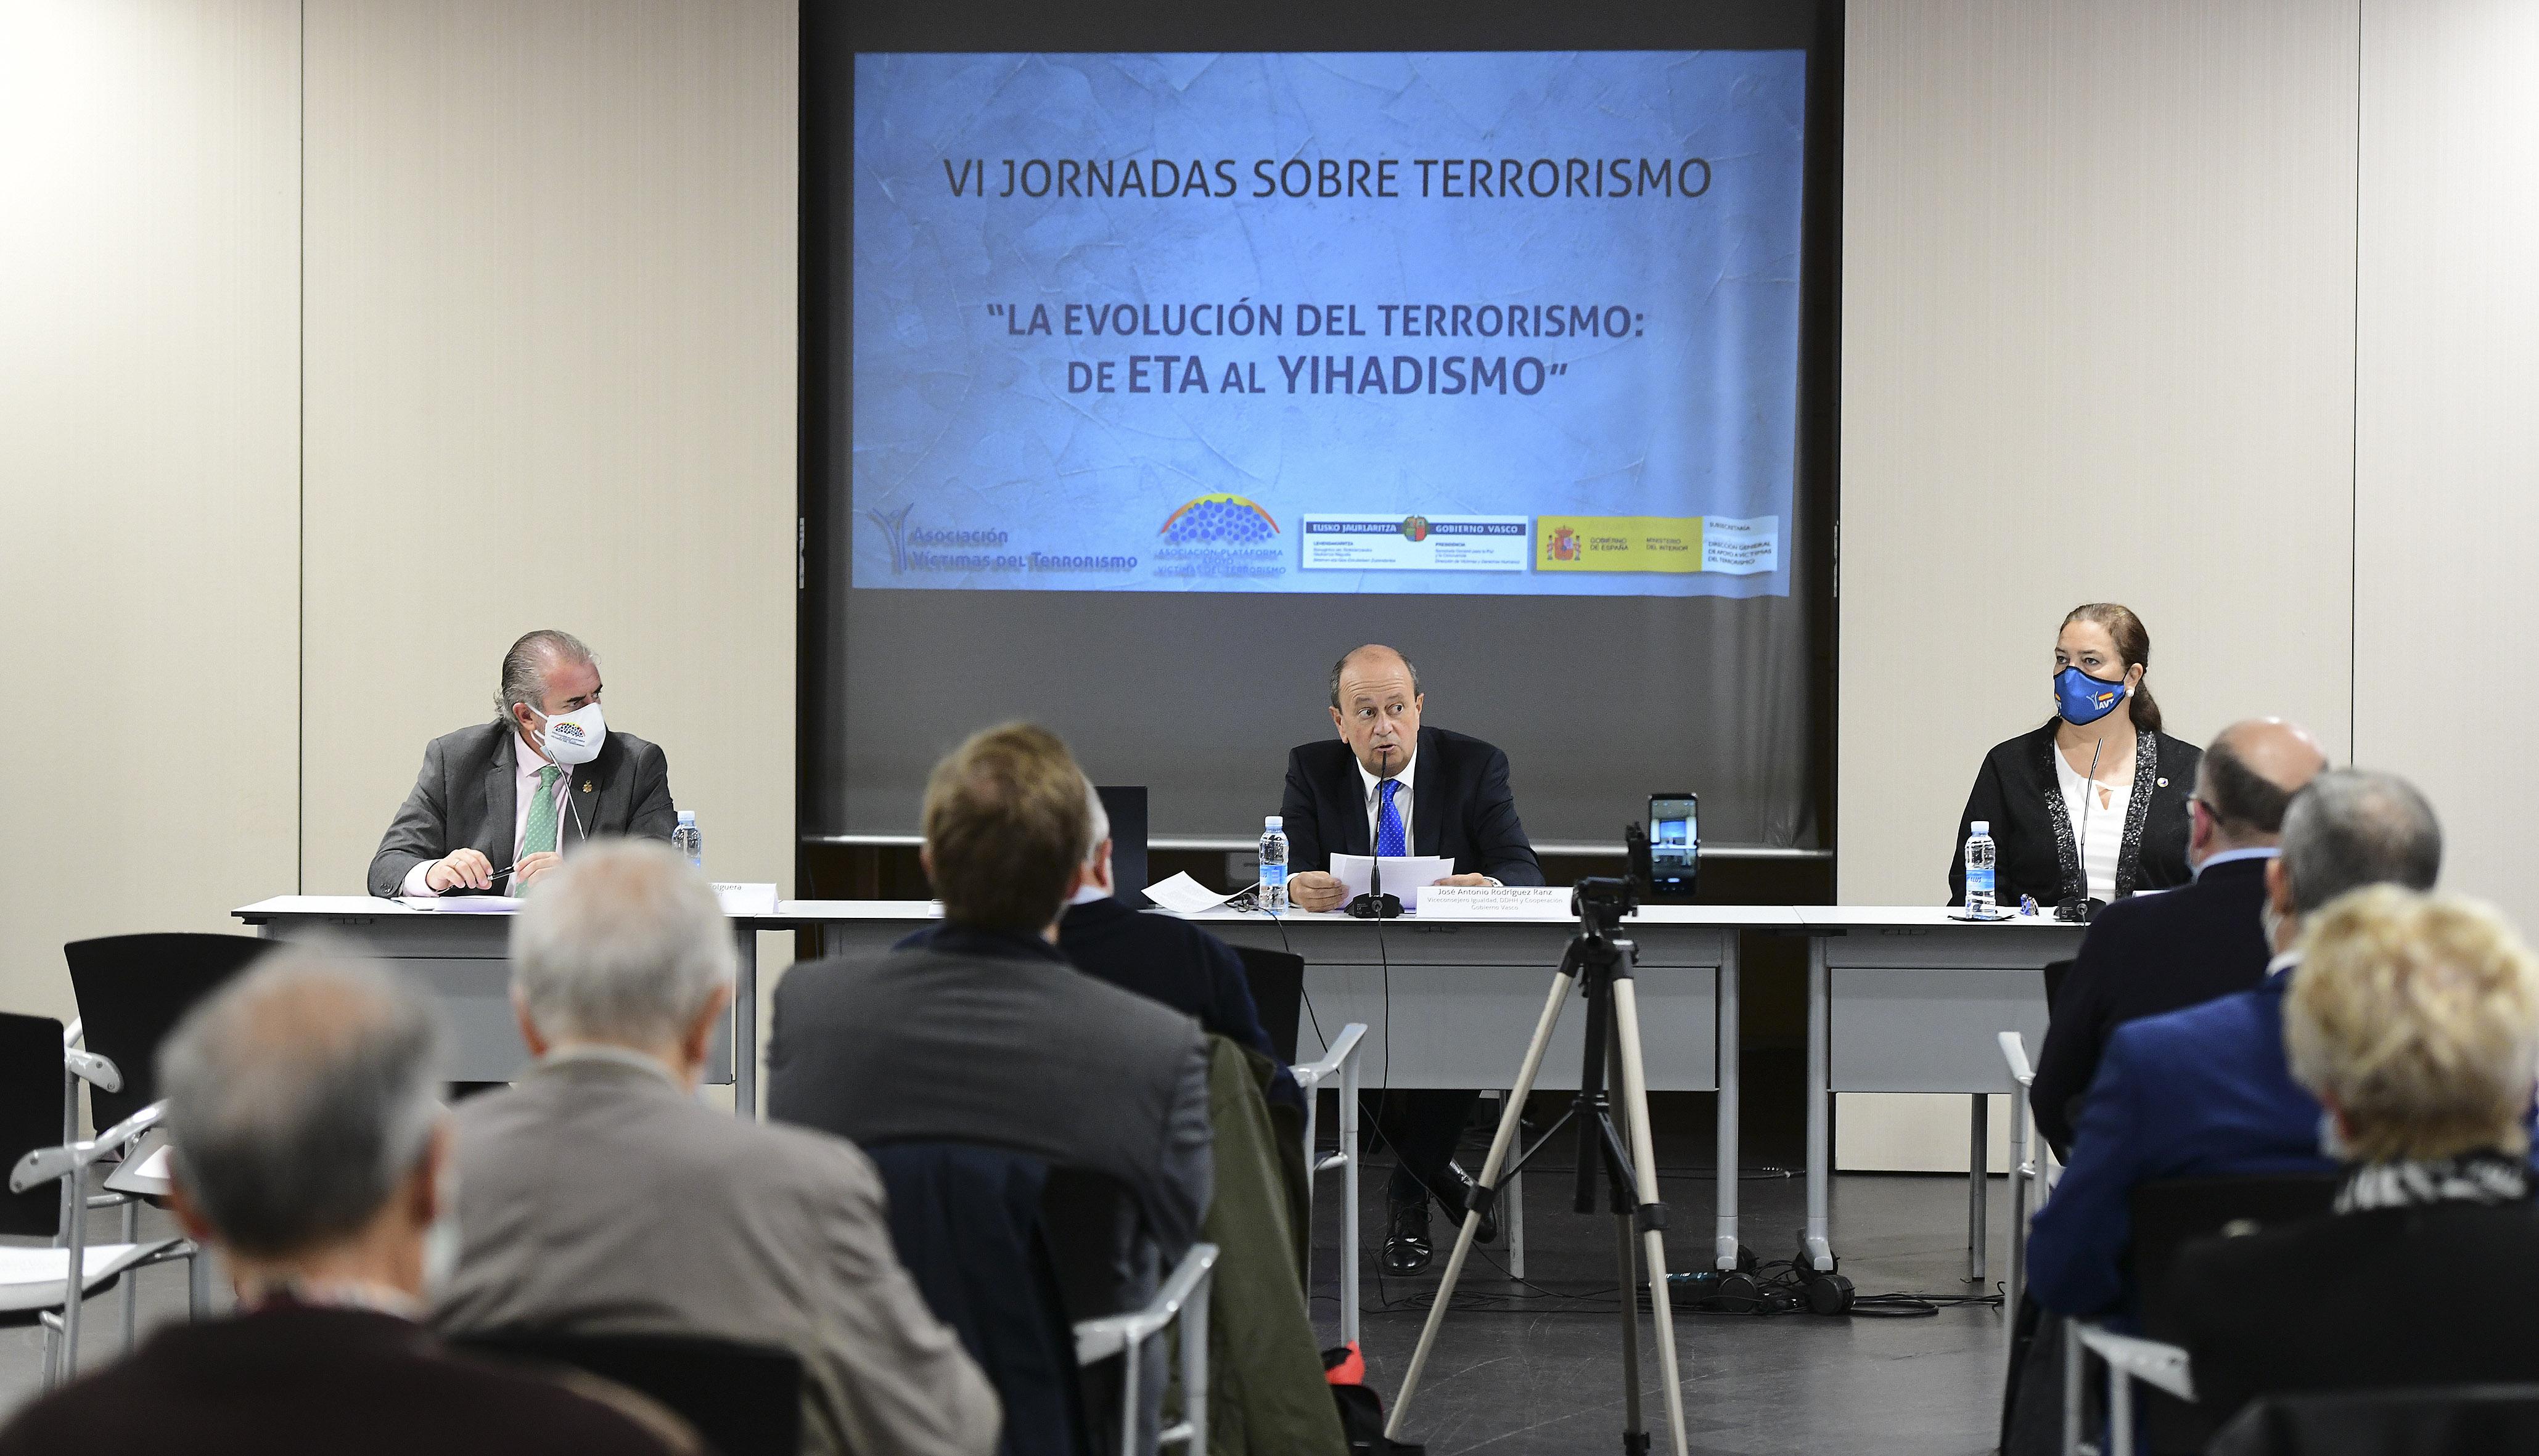 201020_jornadas_terrorismo_17.jpg